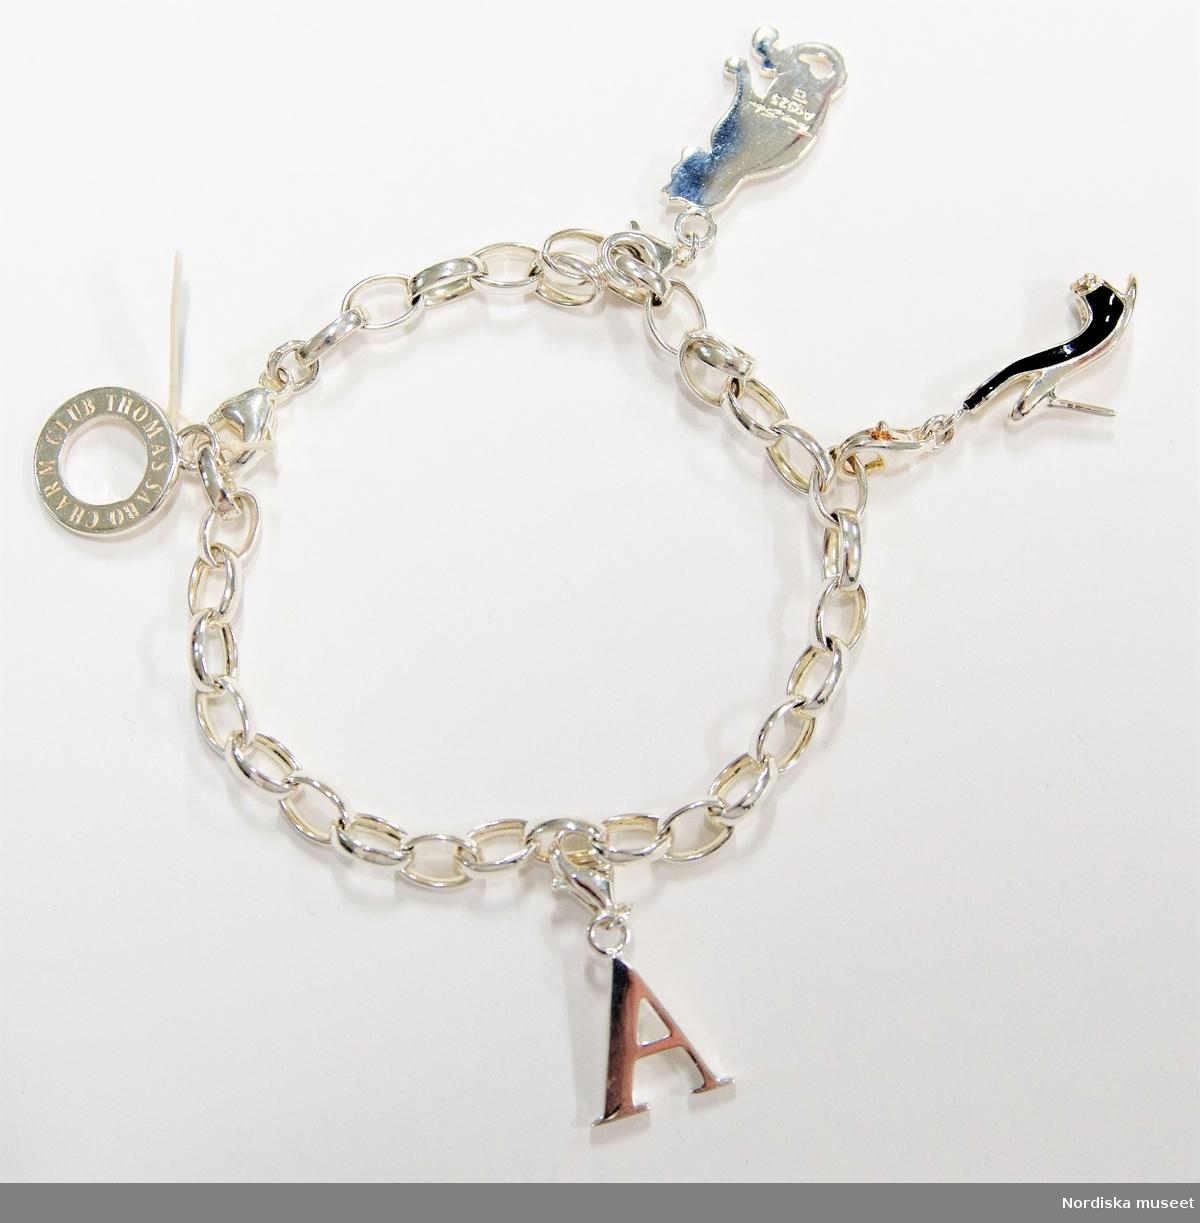 """A)  Armband av silver bestående av länkar med låsanordning i form av liten karbinhake. I ena änden av armbandet en rund platt ring med text """"TEN YEARS CHARM CLUB"""" och på andra sidan """"THOMAS SABO CHARM CLUB"""". Vidhängade  tre löstagbara berlocker med liten karbinhake: Berlock i form av en Damsko i form av sandalett med svarta sidor, hög klack.  Berlock i form av bokstaven A.  Berlock i form av en sittande katt Samtliga berlocker stämplade  """"Ts Ag 925"""" (Thomas Sabo och silverhalt).  B) Förpackning, av kartong överklädd med vaxat papper. Rund med trycklock. Underdel med svart- och vitrandig kant. Undertill vit med inpressad """"Ts"""" inskrivet i en sexkant. Inuti svart med rund del av plast i mitten med text """"THOMAS SABO CHARM CLUB"""" samt """"Thomas Sabo"""" i skrivstil.  C) Vitt lock med svarta text (samma som inuti asken). På insidan svart med vit text """"Thomas Sabo"""" i skrivstil.  D) Påse/förpackning av svart glansigt syntettyg. Rektangulär form. Upptill dragsko av svart tvinnat snöre i sydd kanal. På ena sidan tryckt text i silverfärg """"Thomas Sabo"""" i skrivstil.  E) Broschyr, tryckt på papper. Lång rektangulär remsa vikt i dragspel. Blå yttersidor med text och bild. inuti bilder på armband och berlocker samt text.  På ena yttersidan påklistrad oval etikett i guldfärg med tryck."""